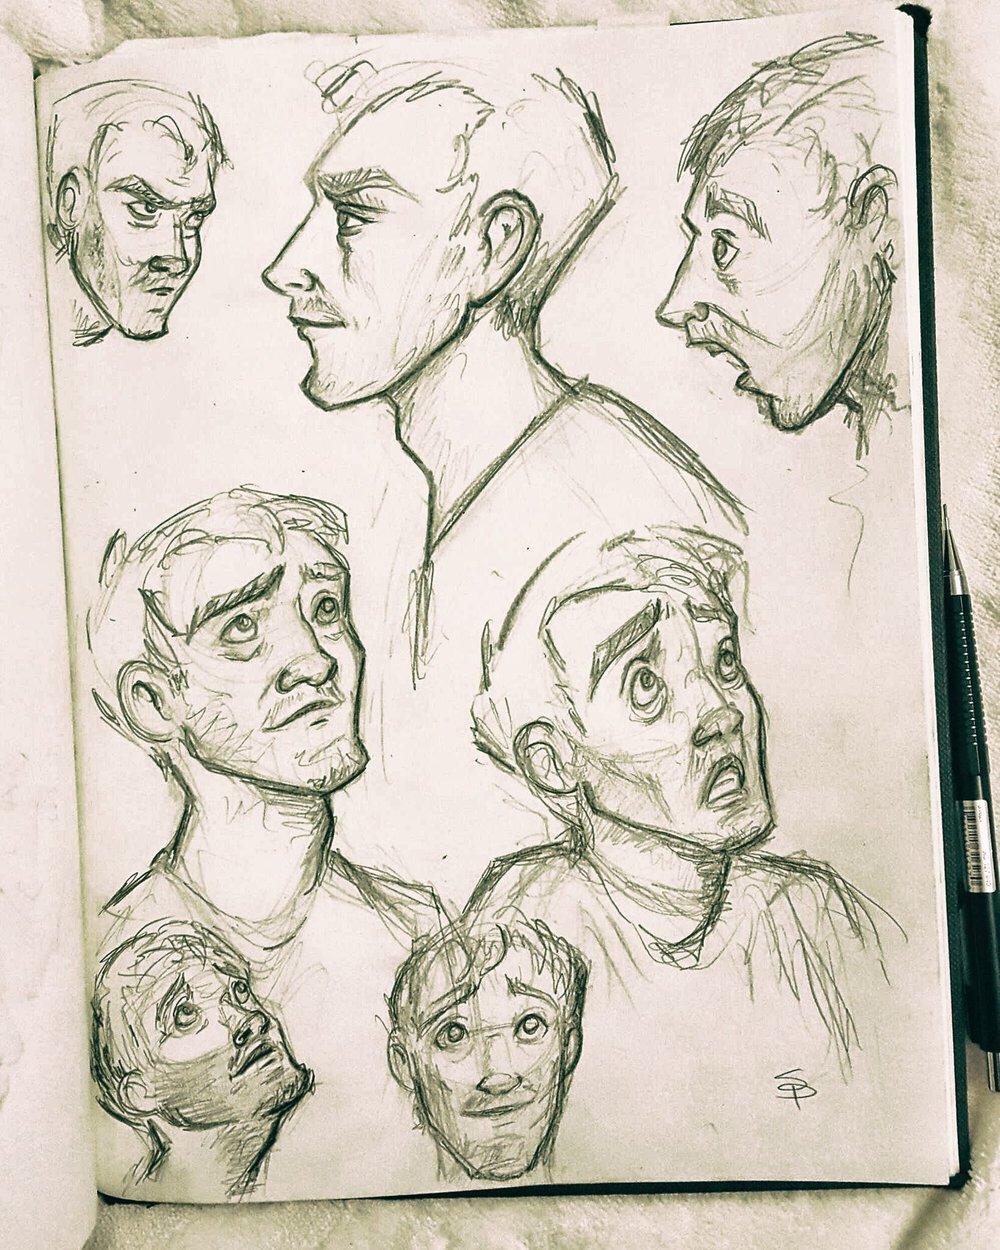 character drawing2.jpeg